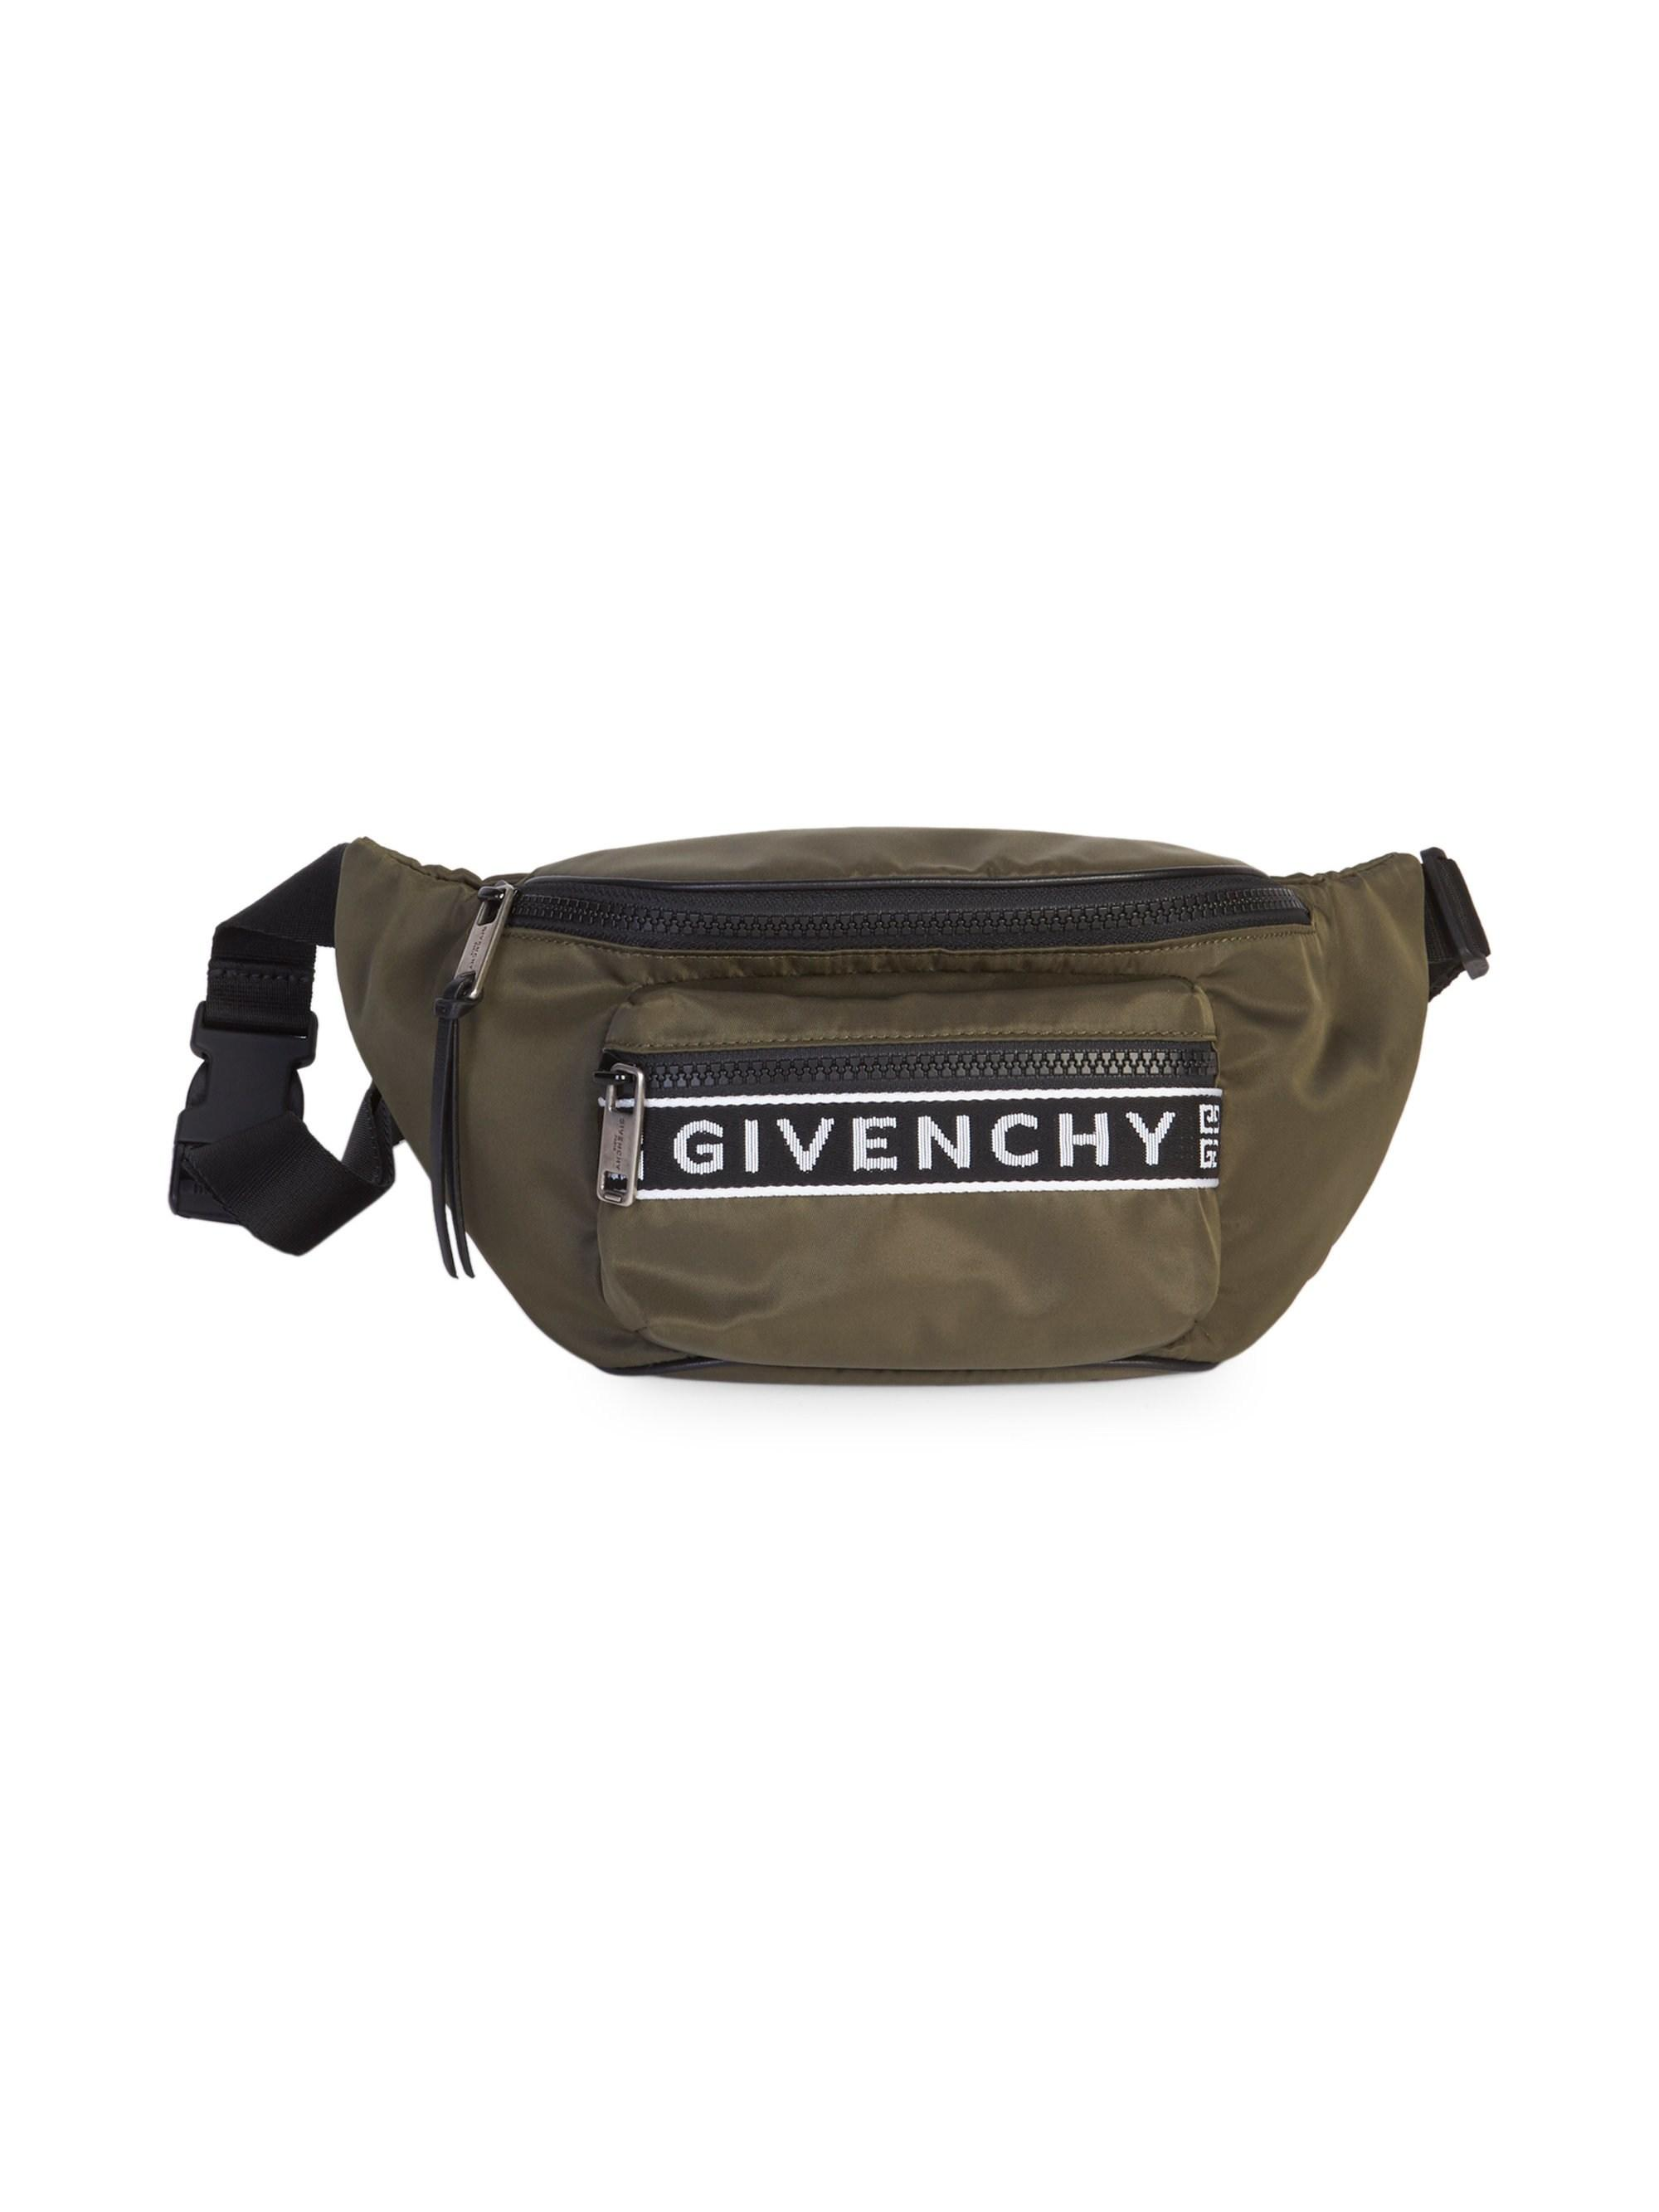 d15b4c1b8b Lyst - Givenchy Men s 4g Bum Bag In Nylon - Khaki for Men